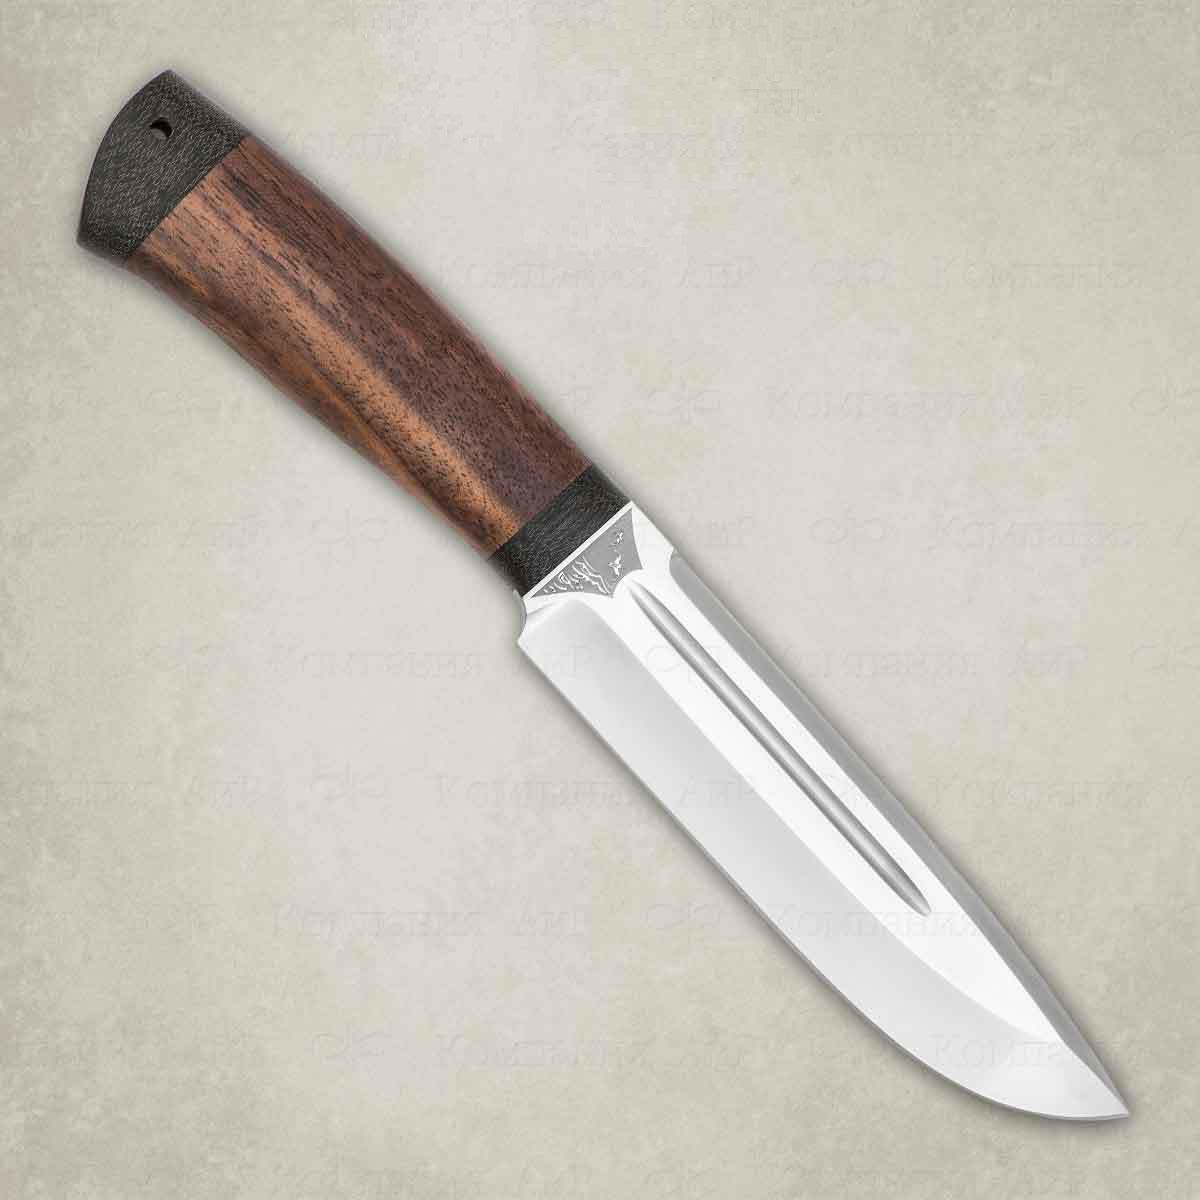 Фото - Нож разделочный АиР Селигер, сталь Elmax, рукоять дерево складной нож wild west сталь elmax рукоять карбон